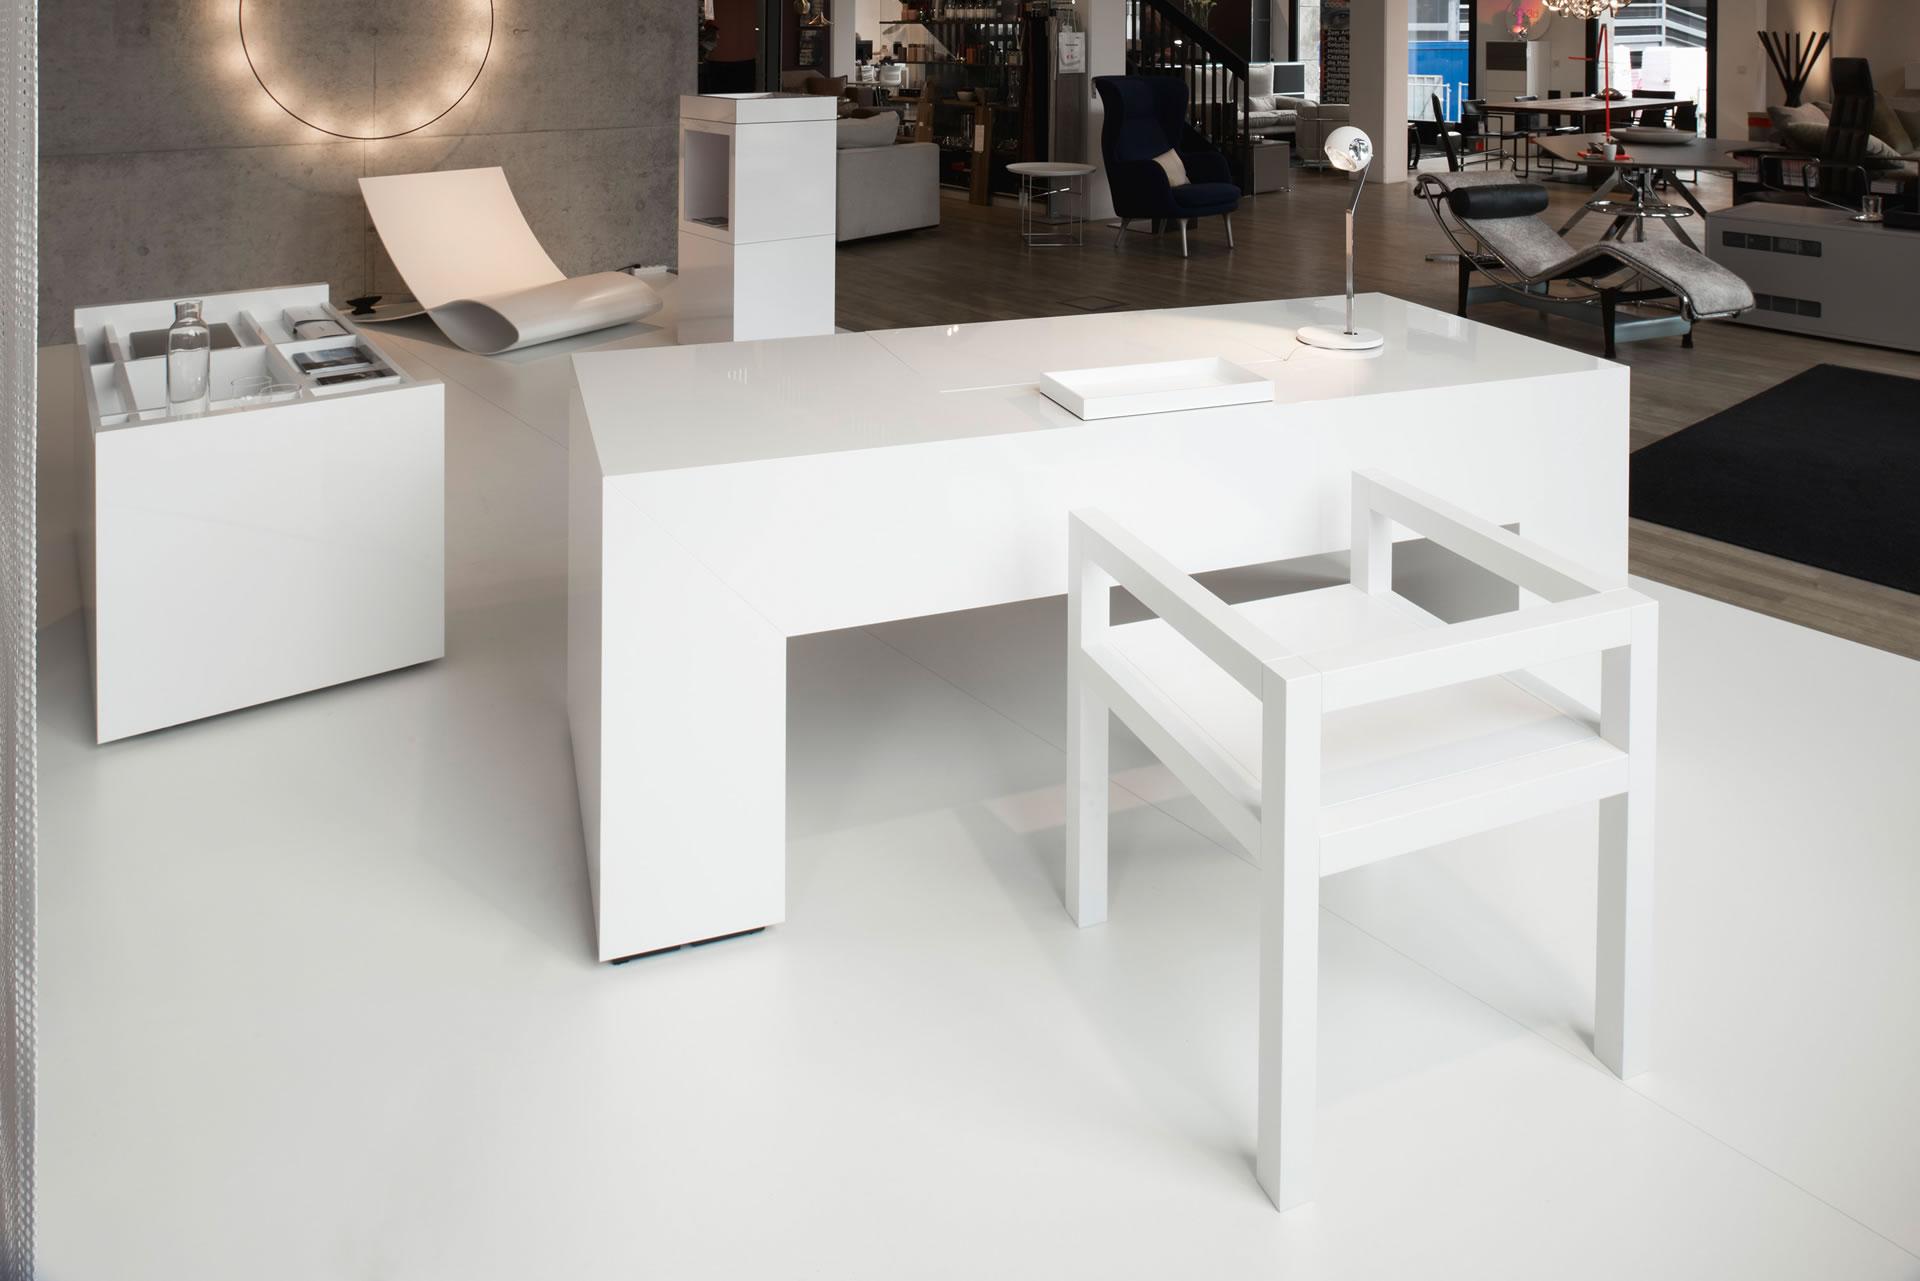 Schreibtisch commentor exklusiver schreibtisch von rechteck for Schreibtisch container design